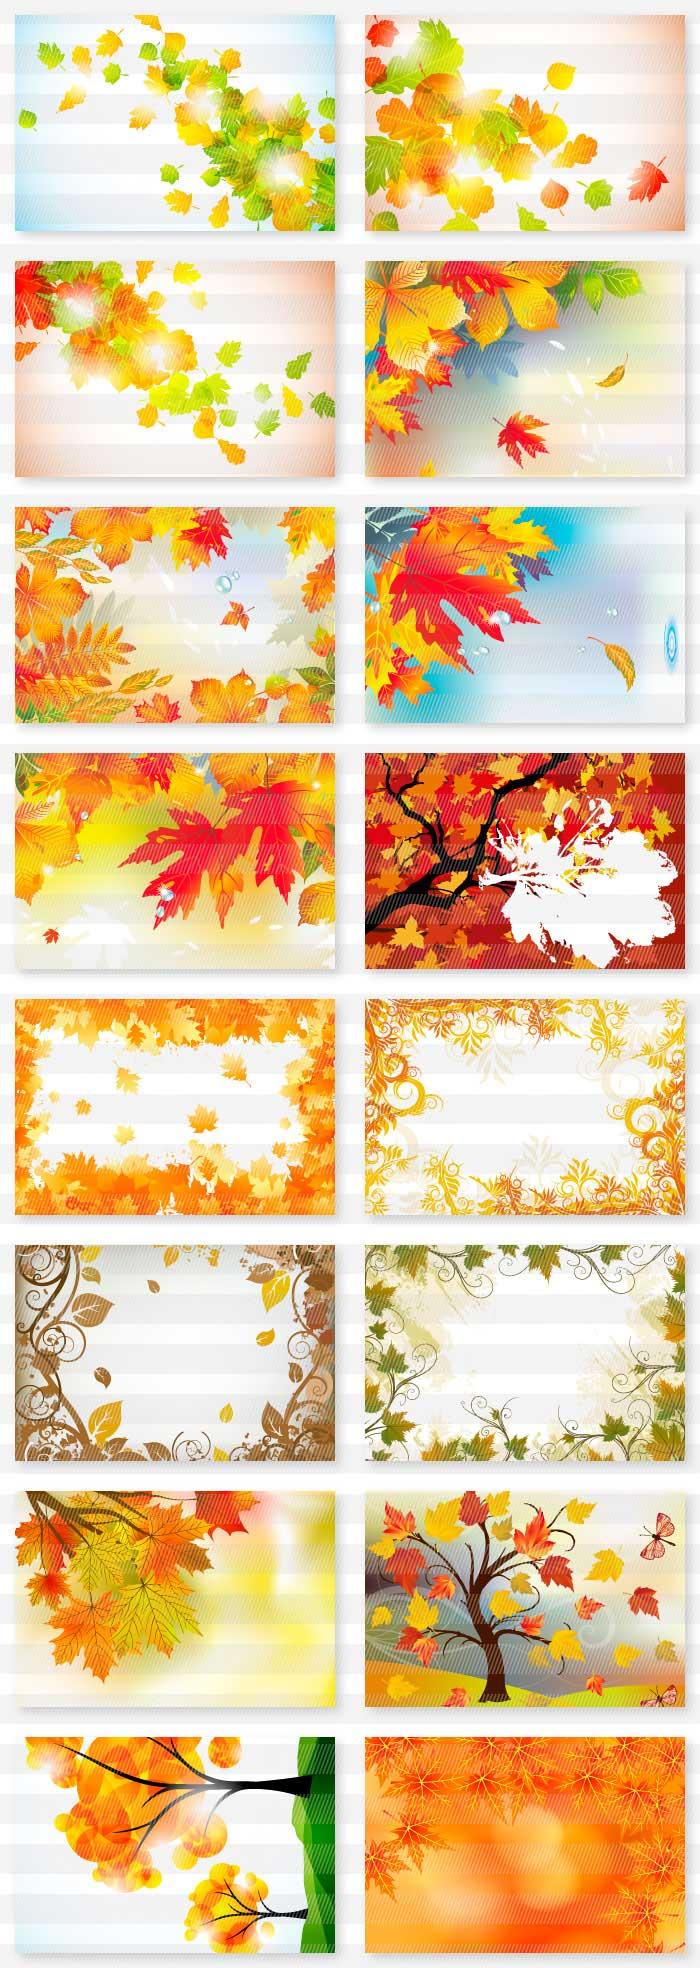 秋・紅葉の背景素材